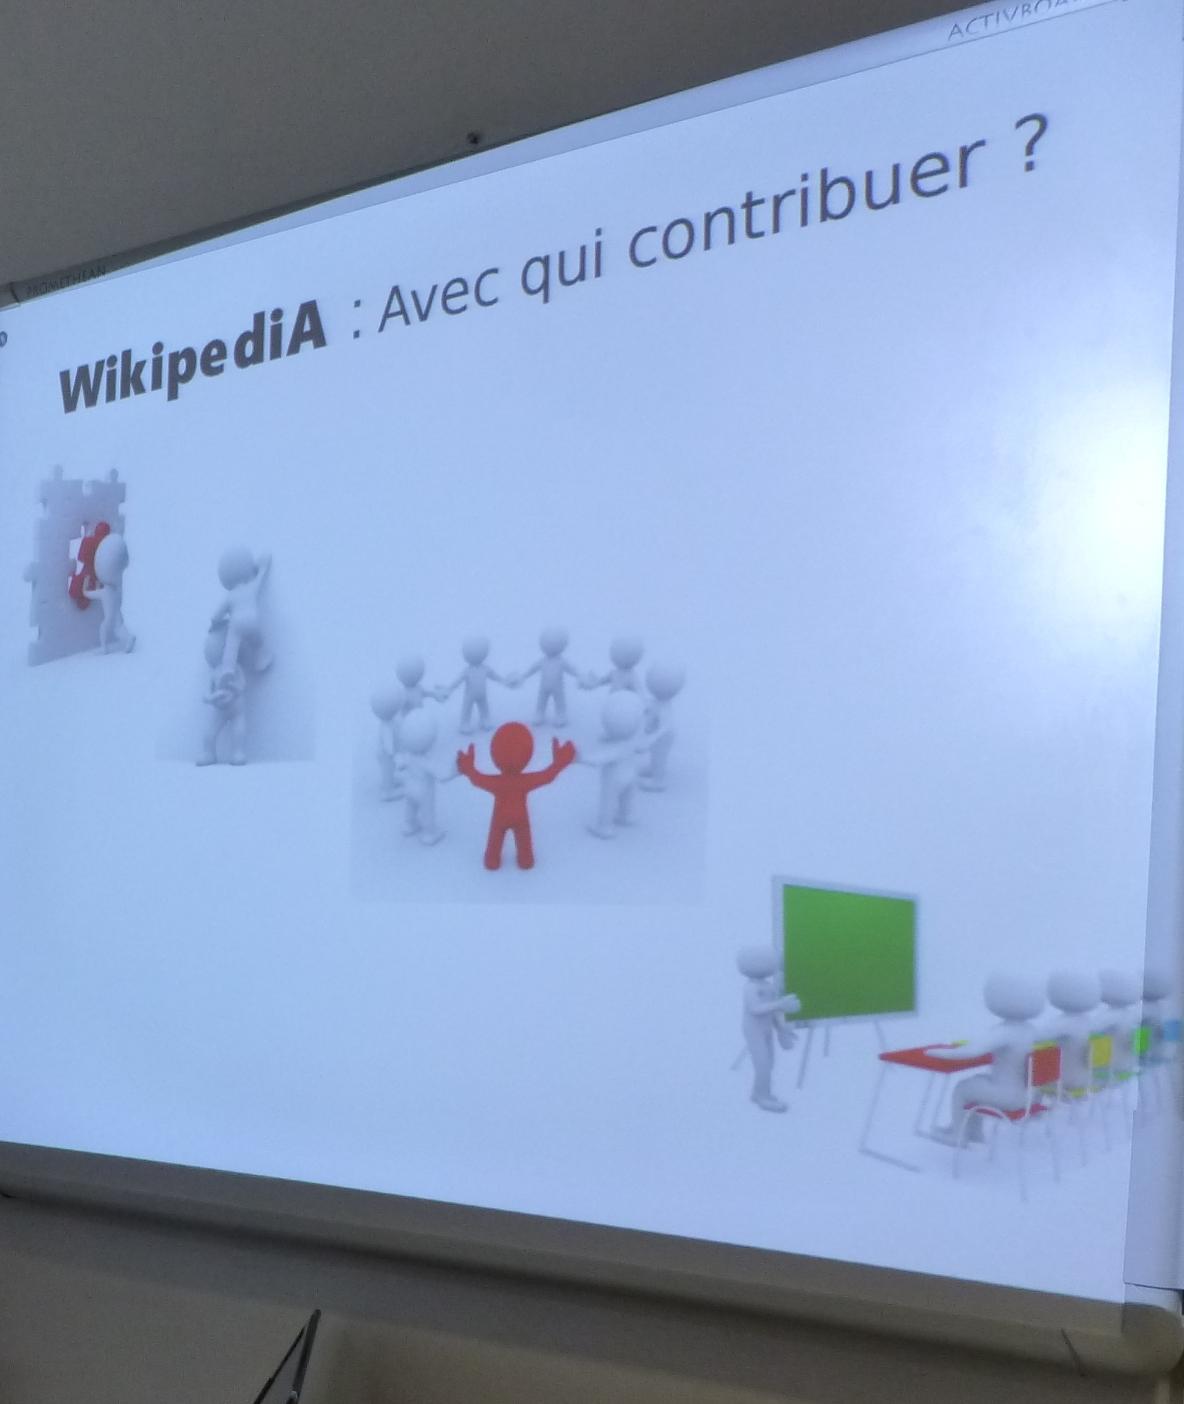 Pessac, Atelier de contribution : seul, avec aide, à plusieurs ou en MOOC (montage Cécédille).